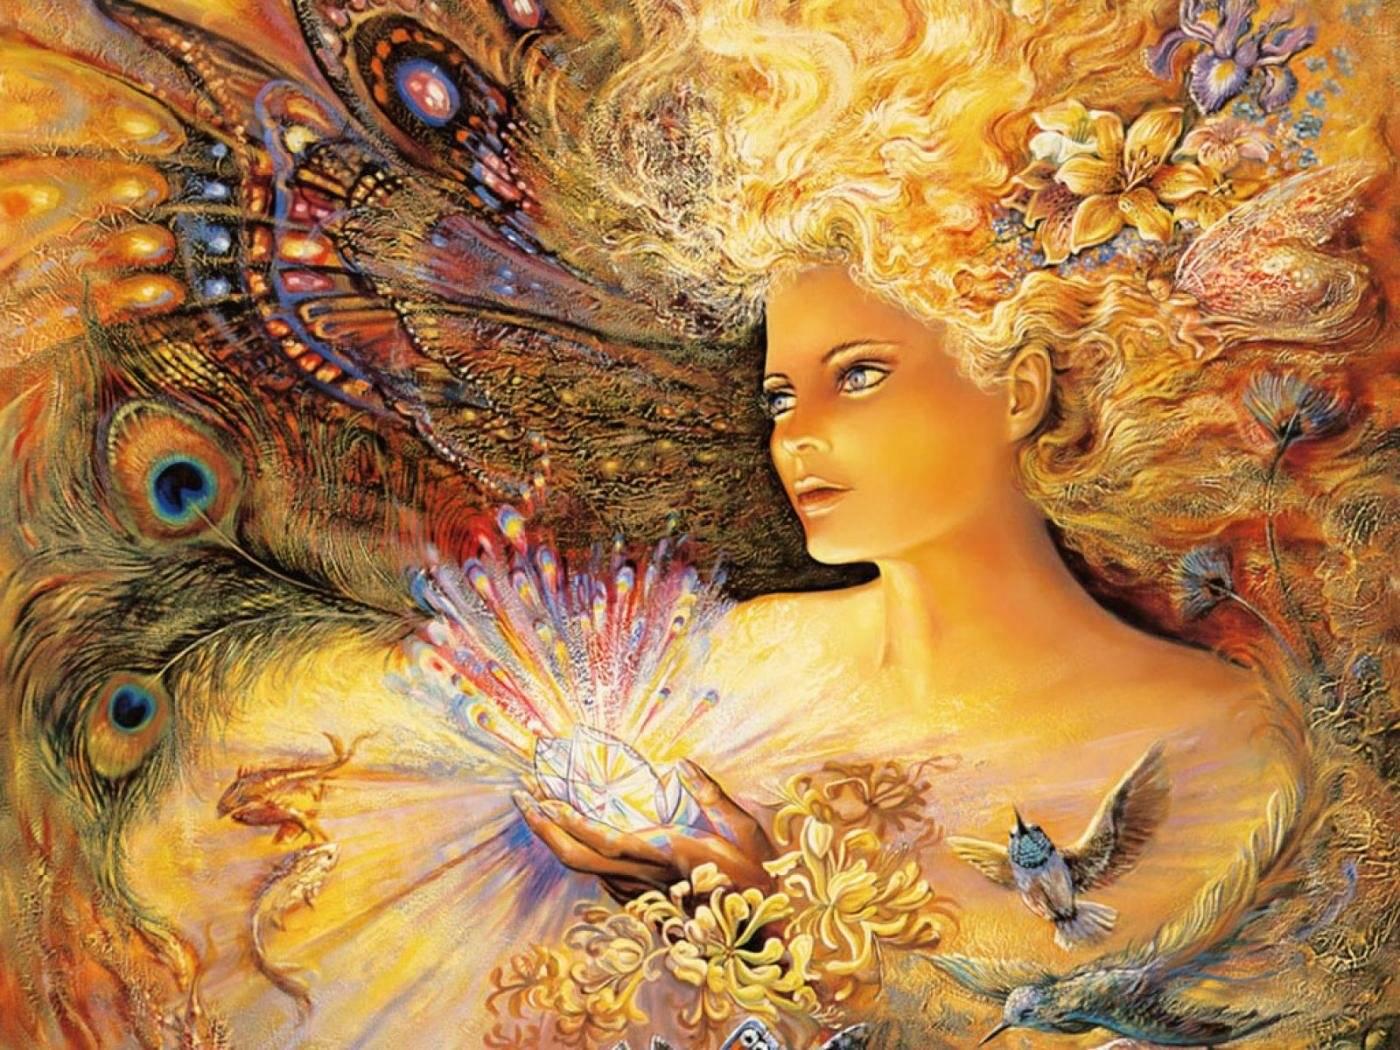 Кто такая харибда, и что ее связывает со сциллой? | магия любви